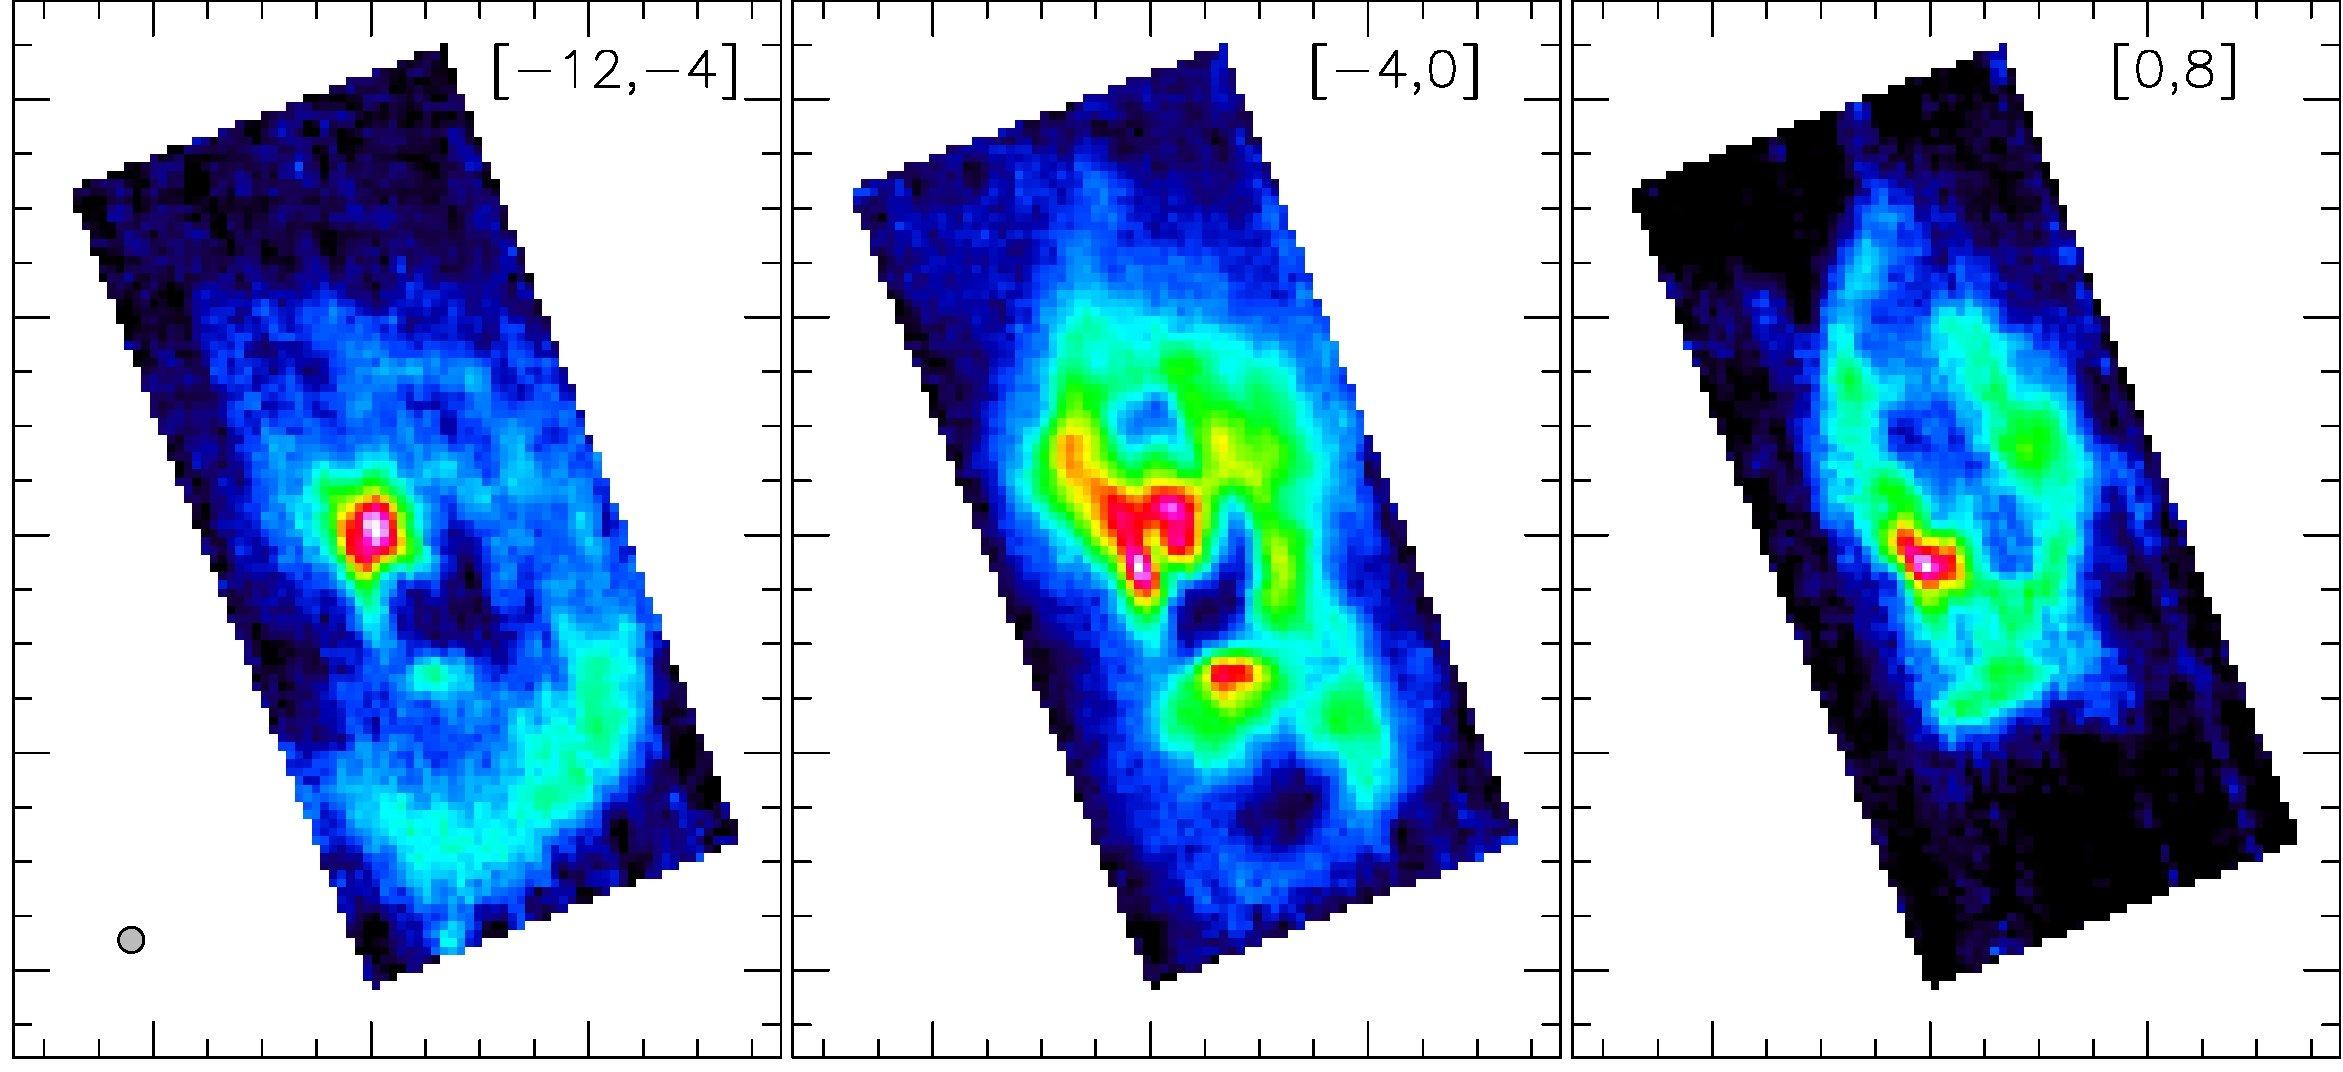 Bilder des Ferninfrarot-Spektrometers: Sie zeigen die Kohlenstoffverteilung im Nebel Sharpless 106.